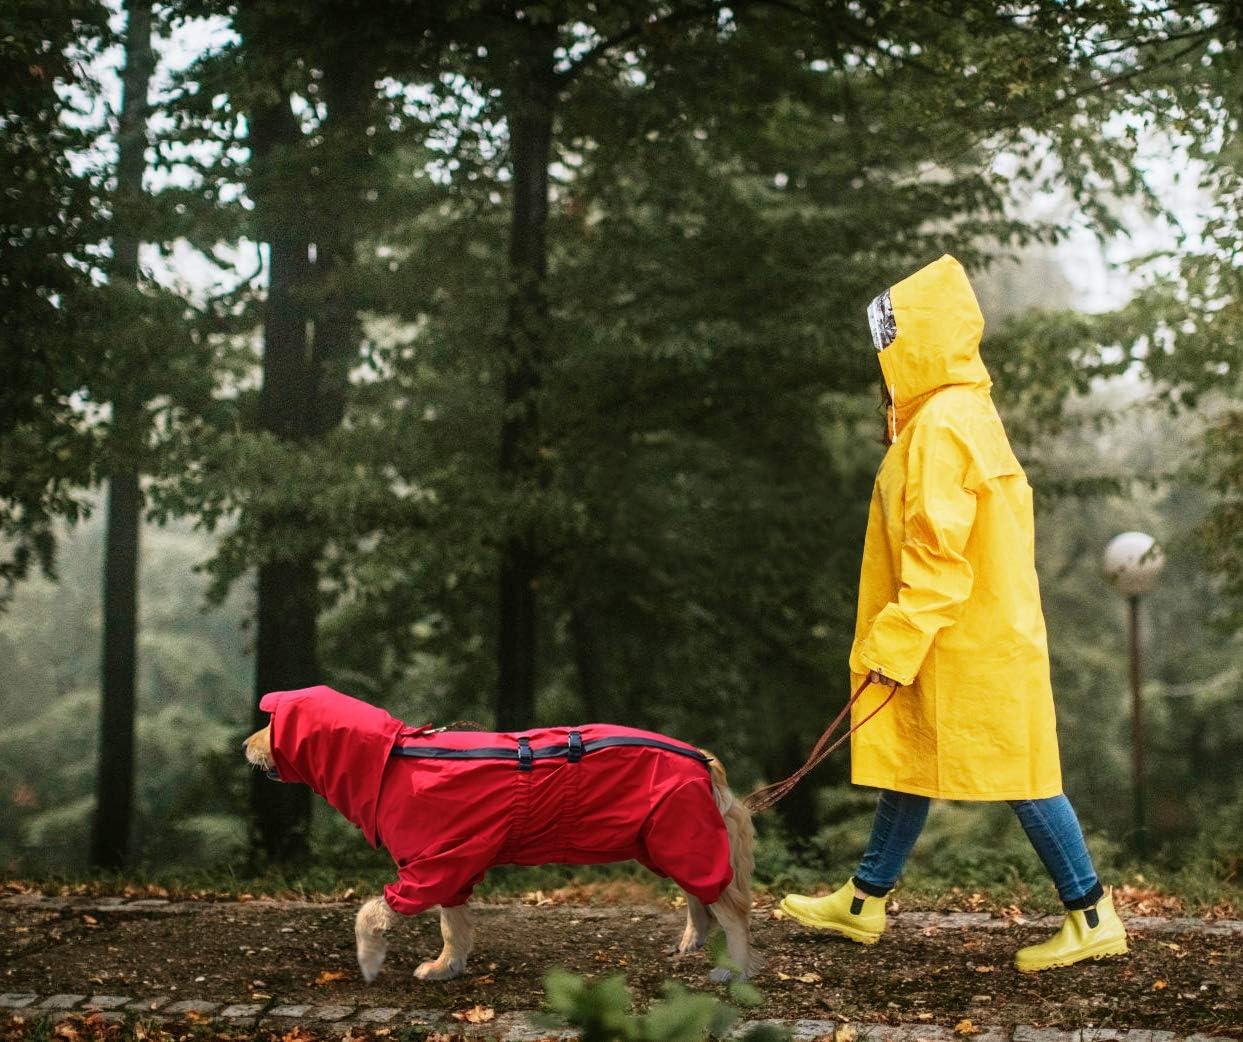 con Orificio para arn/és Poncho de Lluvia para Perros Ajustable Idepet Chubasquero para Perros L Impermeable Impermeable para Perros